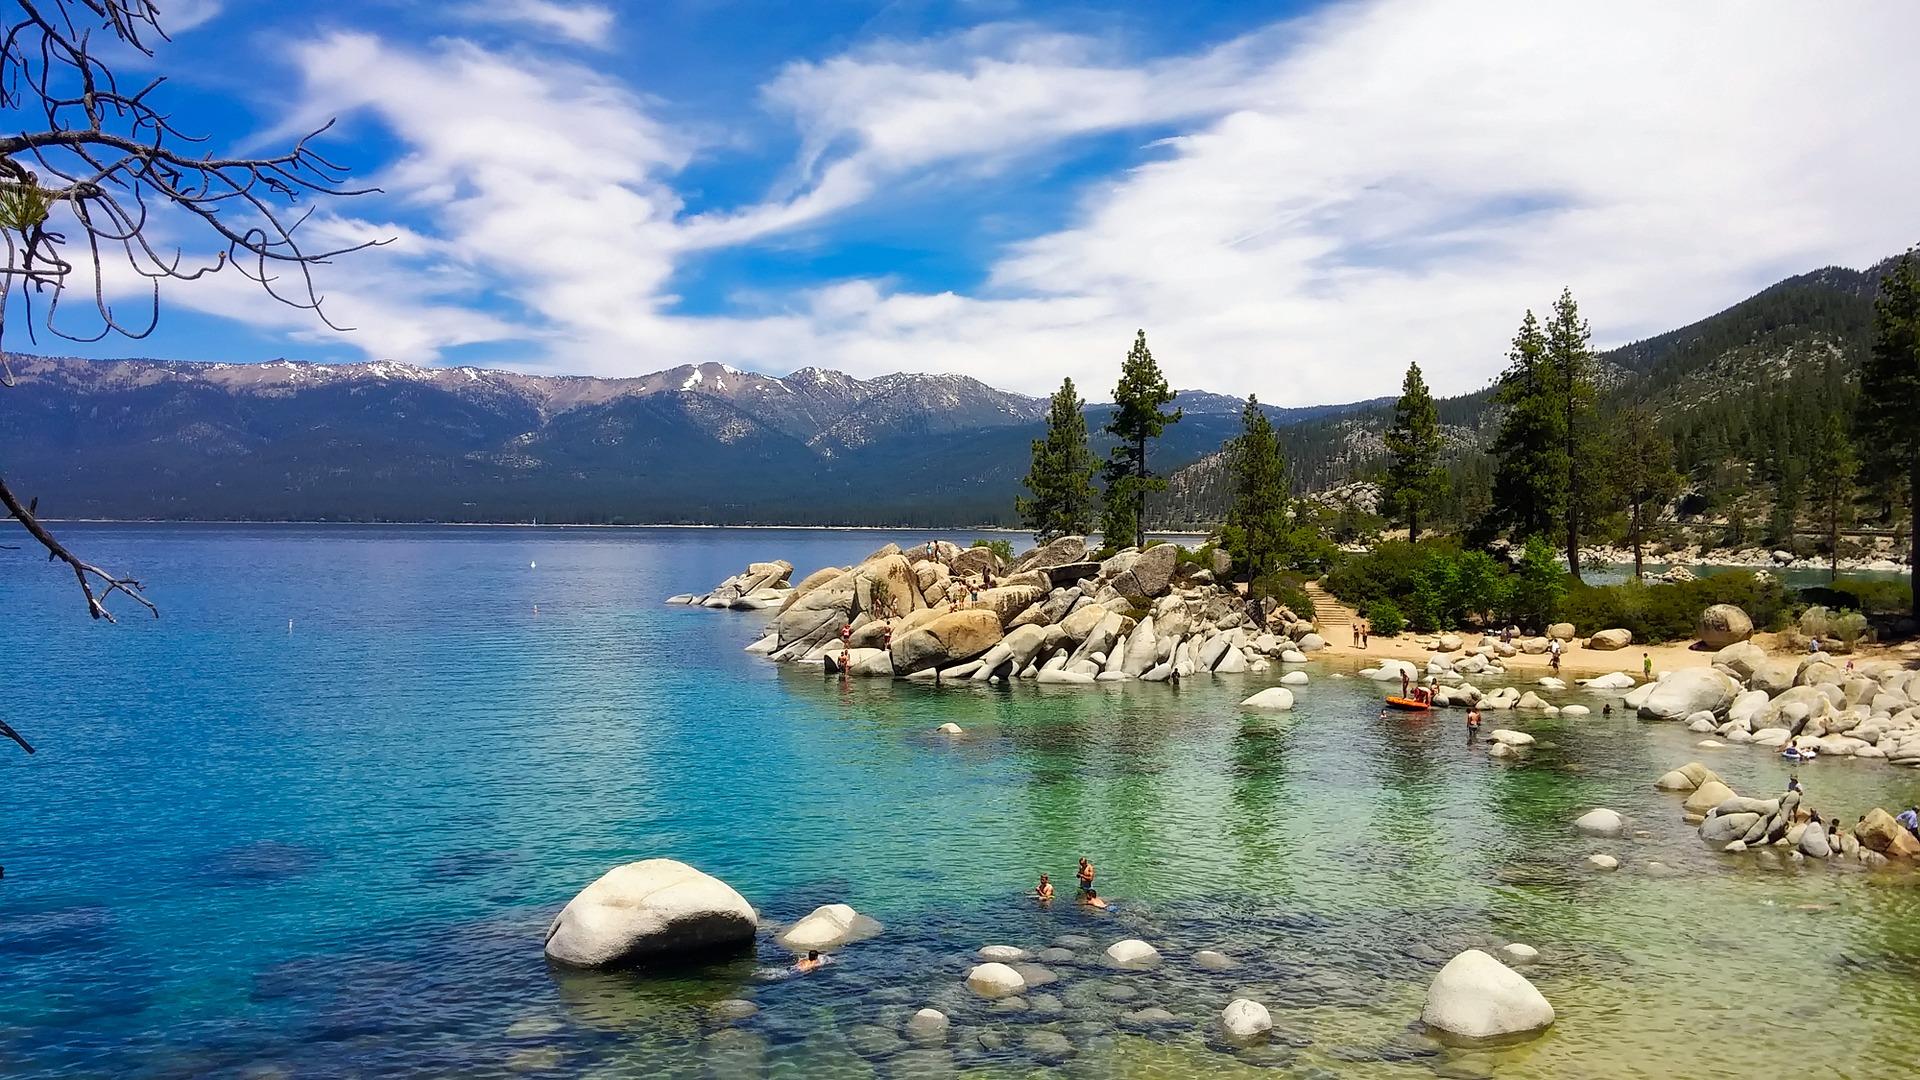 lake-tahoe-2183724_1920.jpg